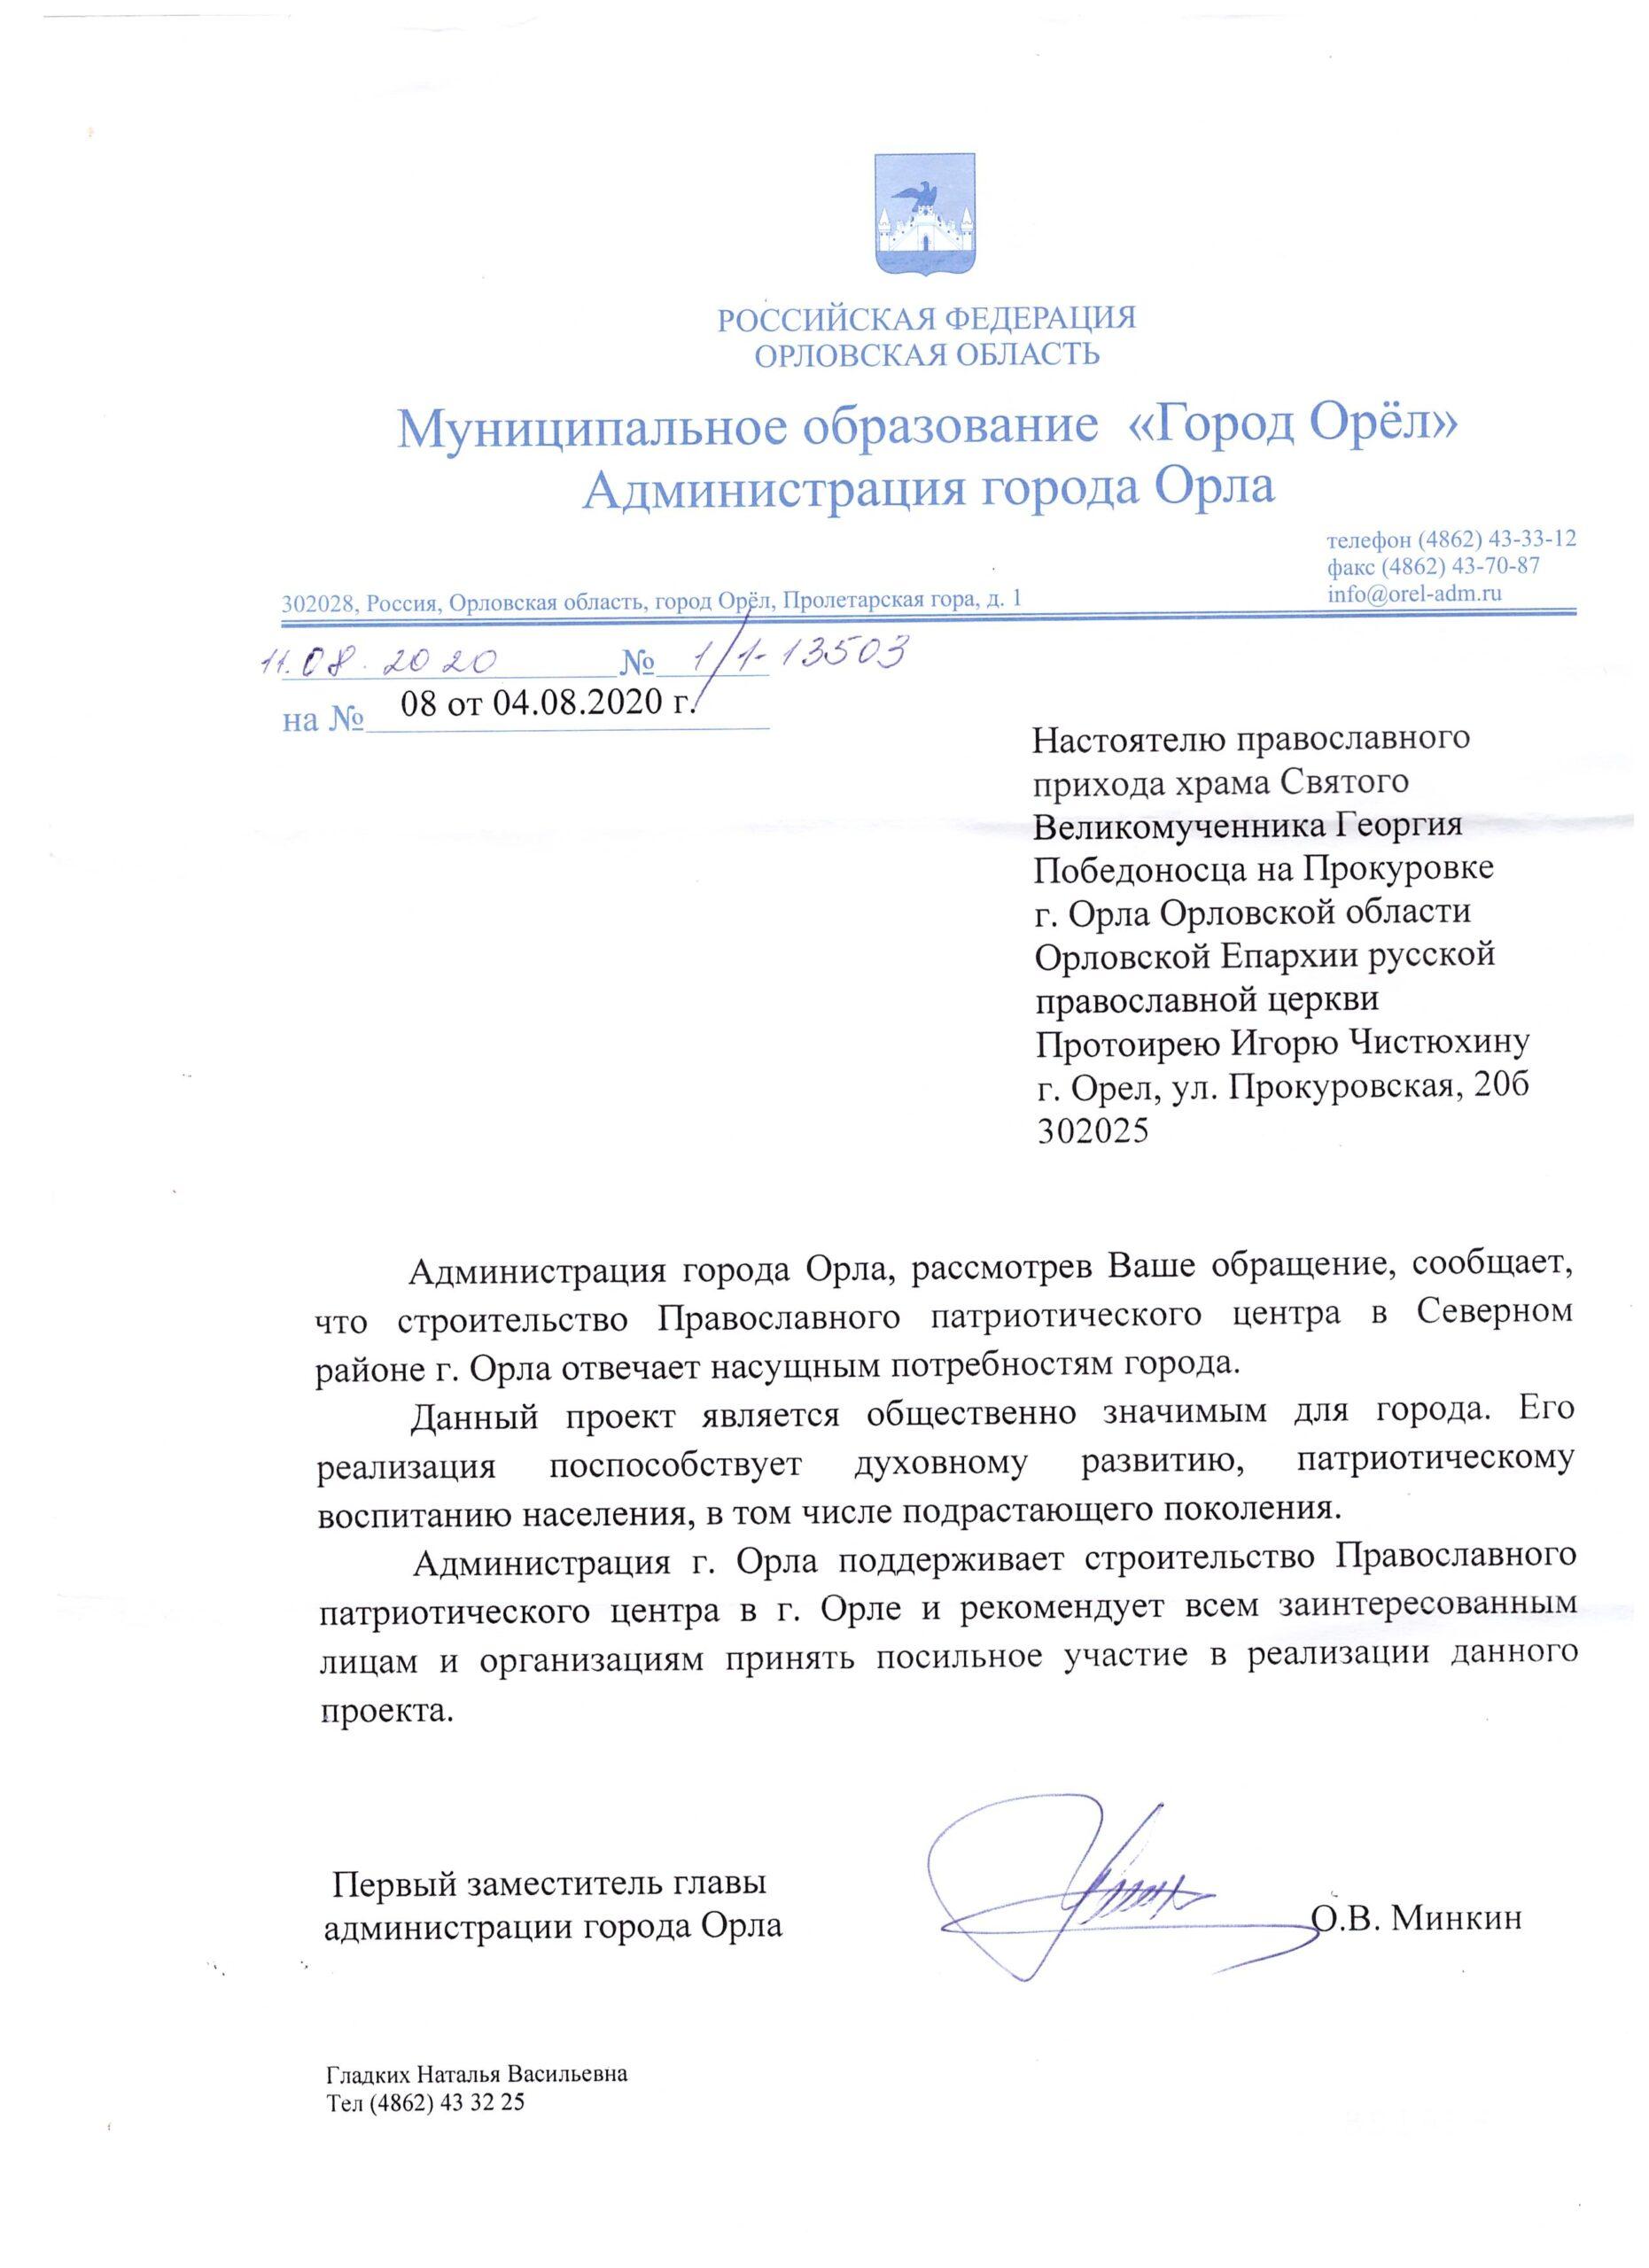 Письмо первого заместителя главы администрации города Орла О.В.Минкина